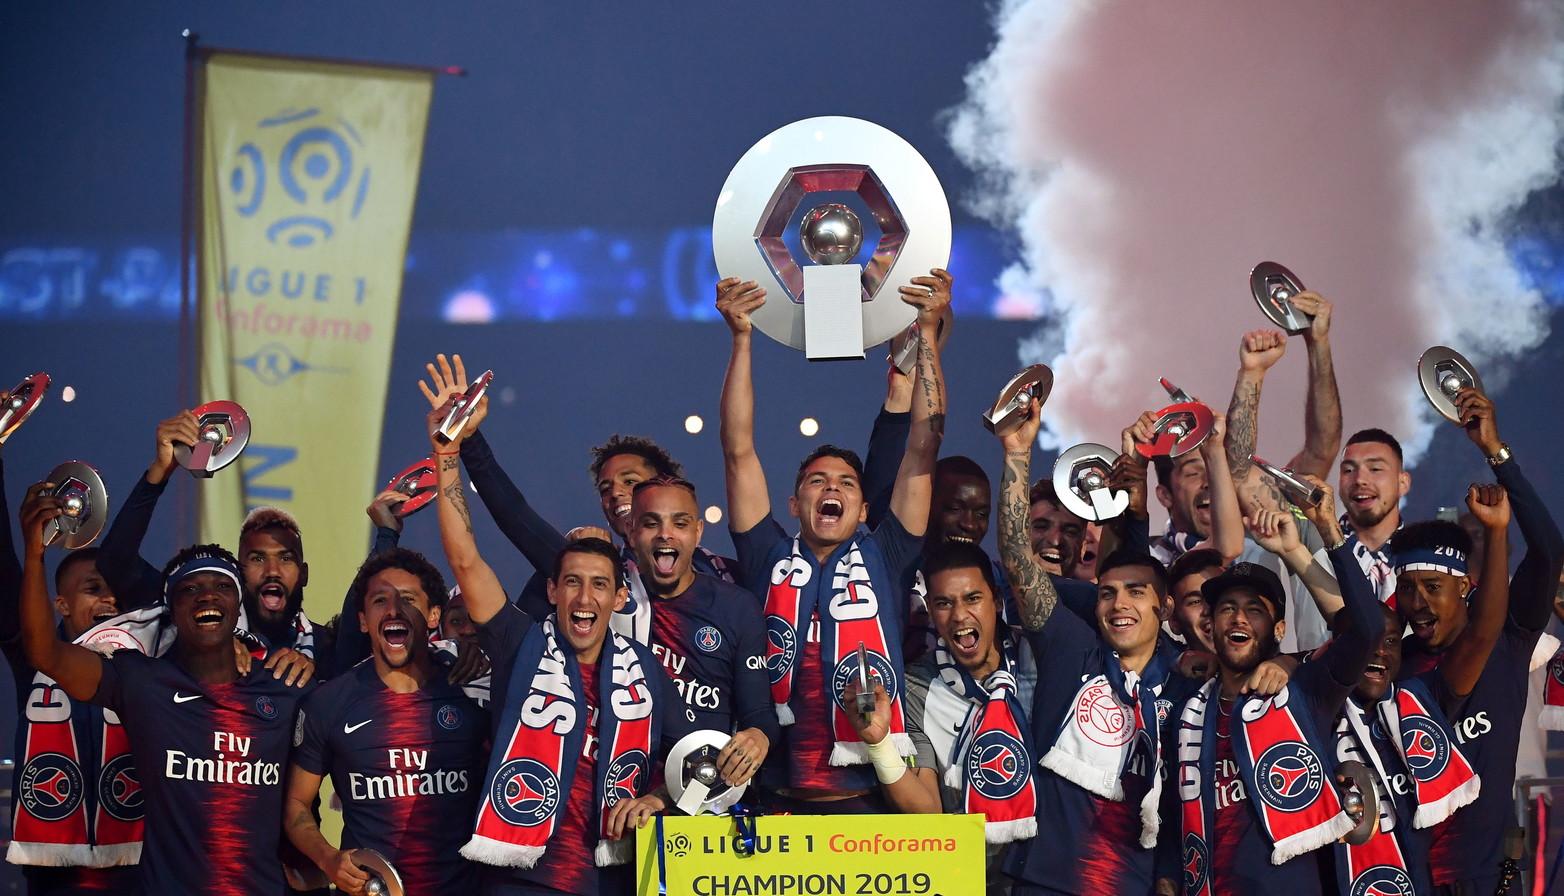 Ligue 1 Francia: Psg